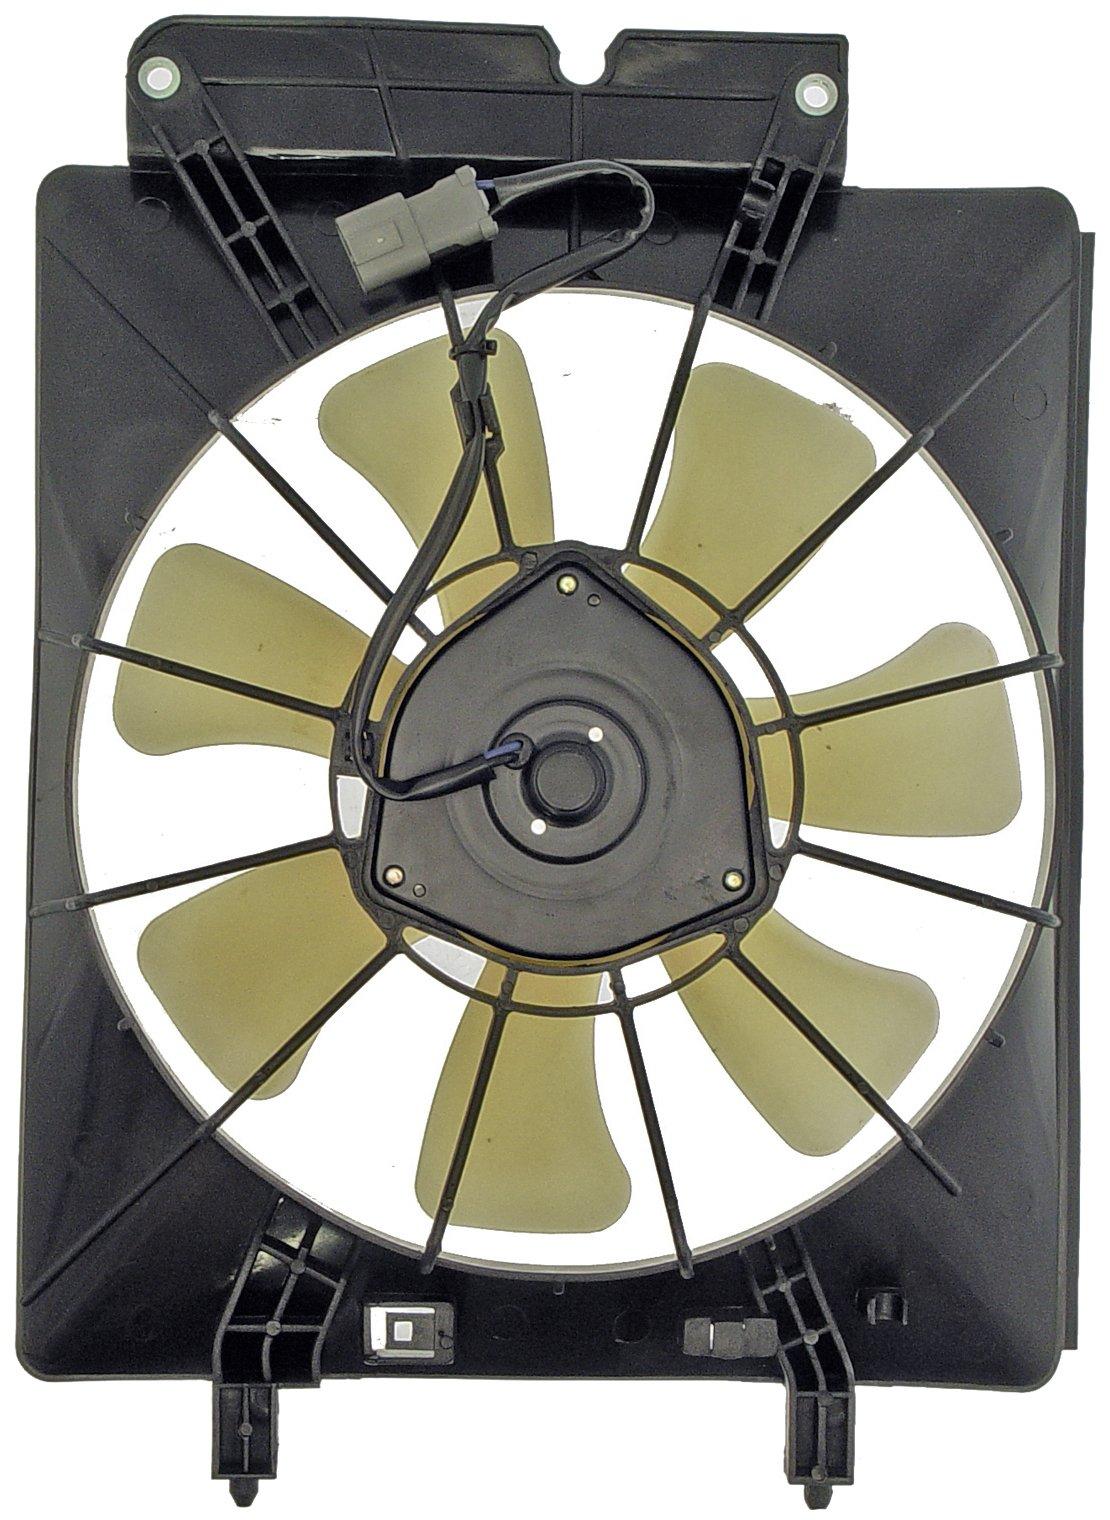 Dorman 620-233 Radiator Fan Assembly by Dorman